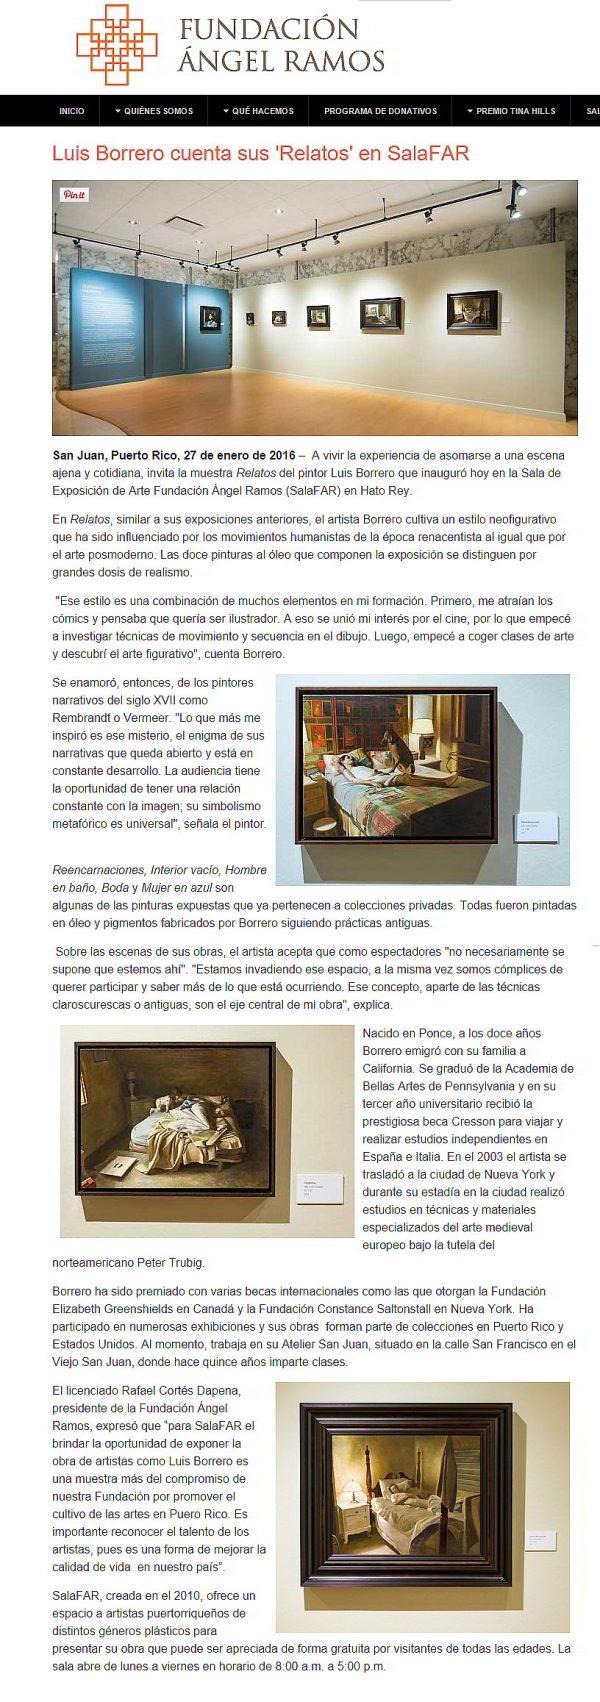 Luis Borrero 12 pinturas fundacion angel ramos